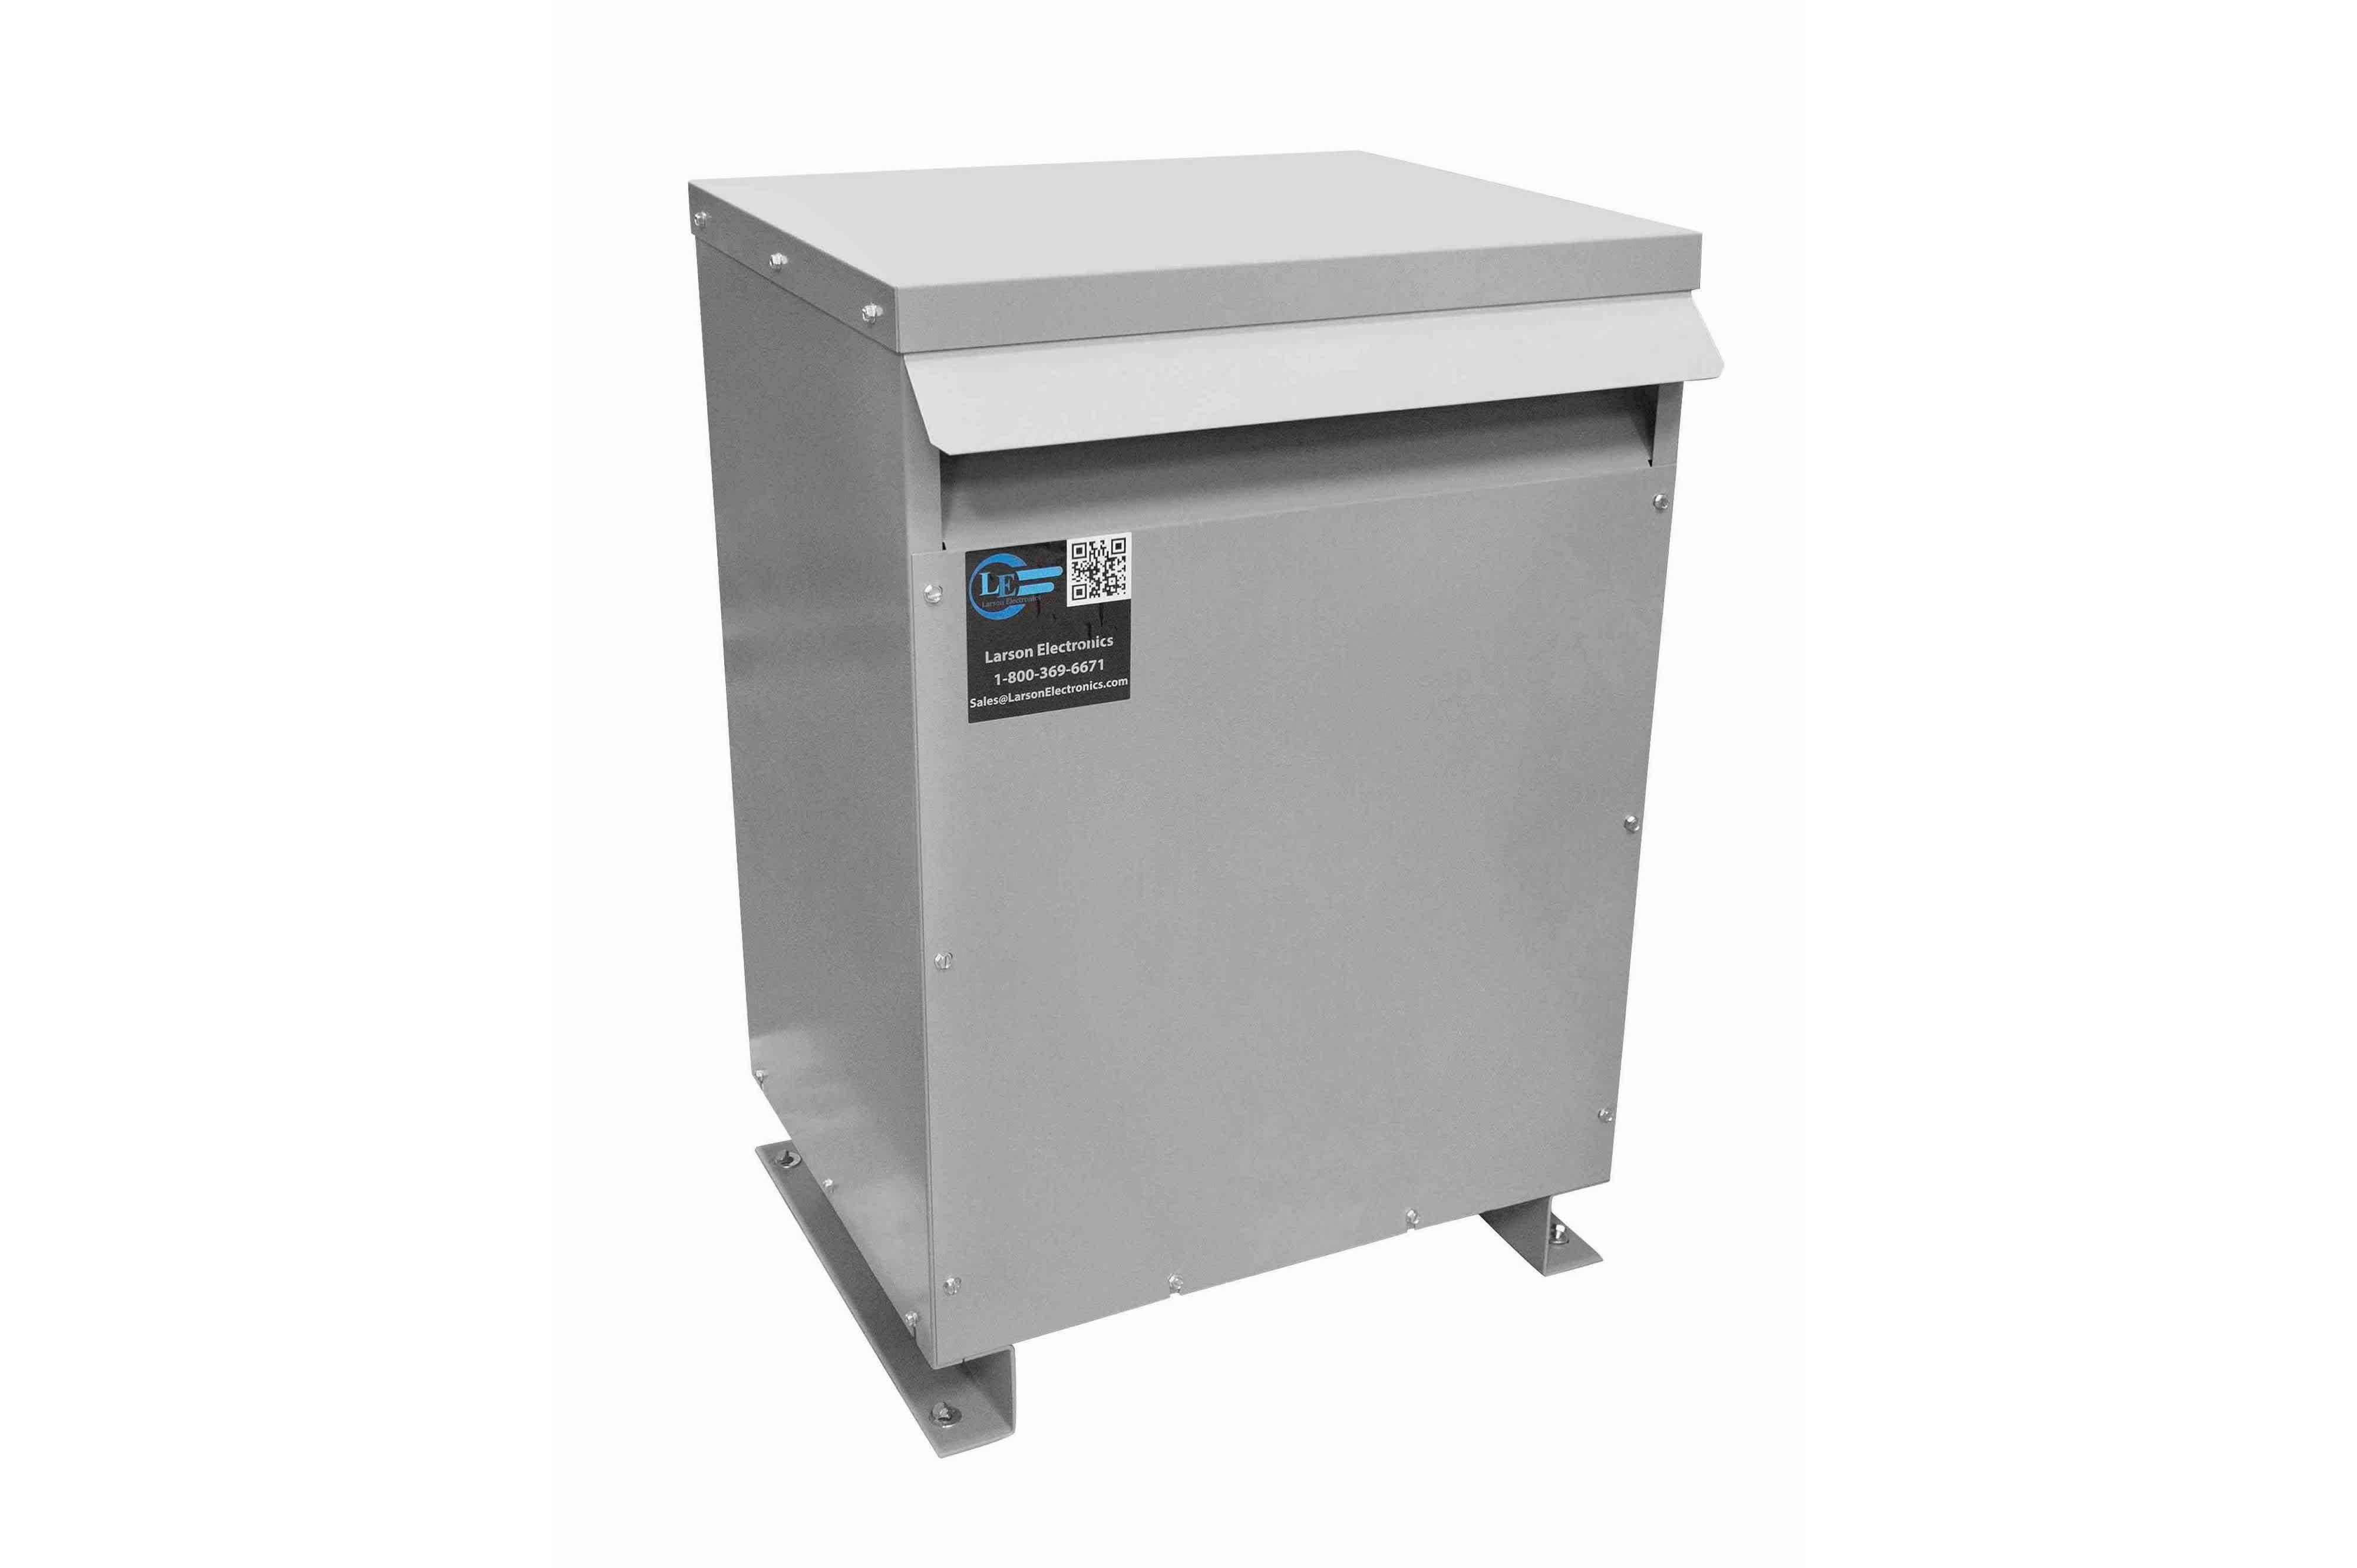 35 kVA 3PH Isolation Transformer, 600V Delta Primary, 415V Delta Secondary, N3R, Ventilated, 60 Hz